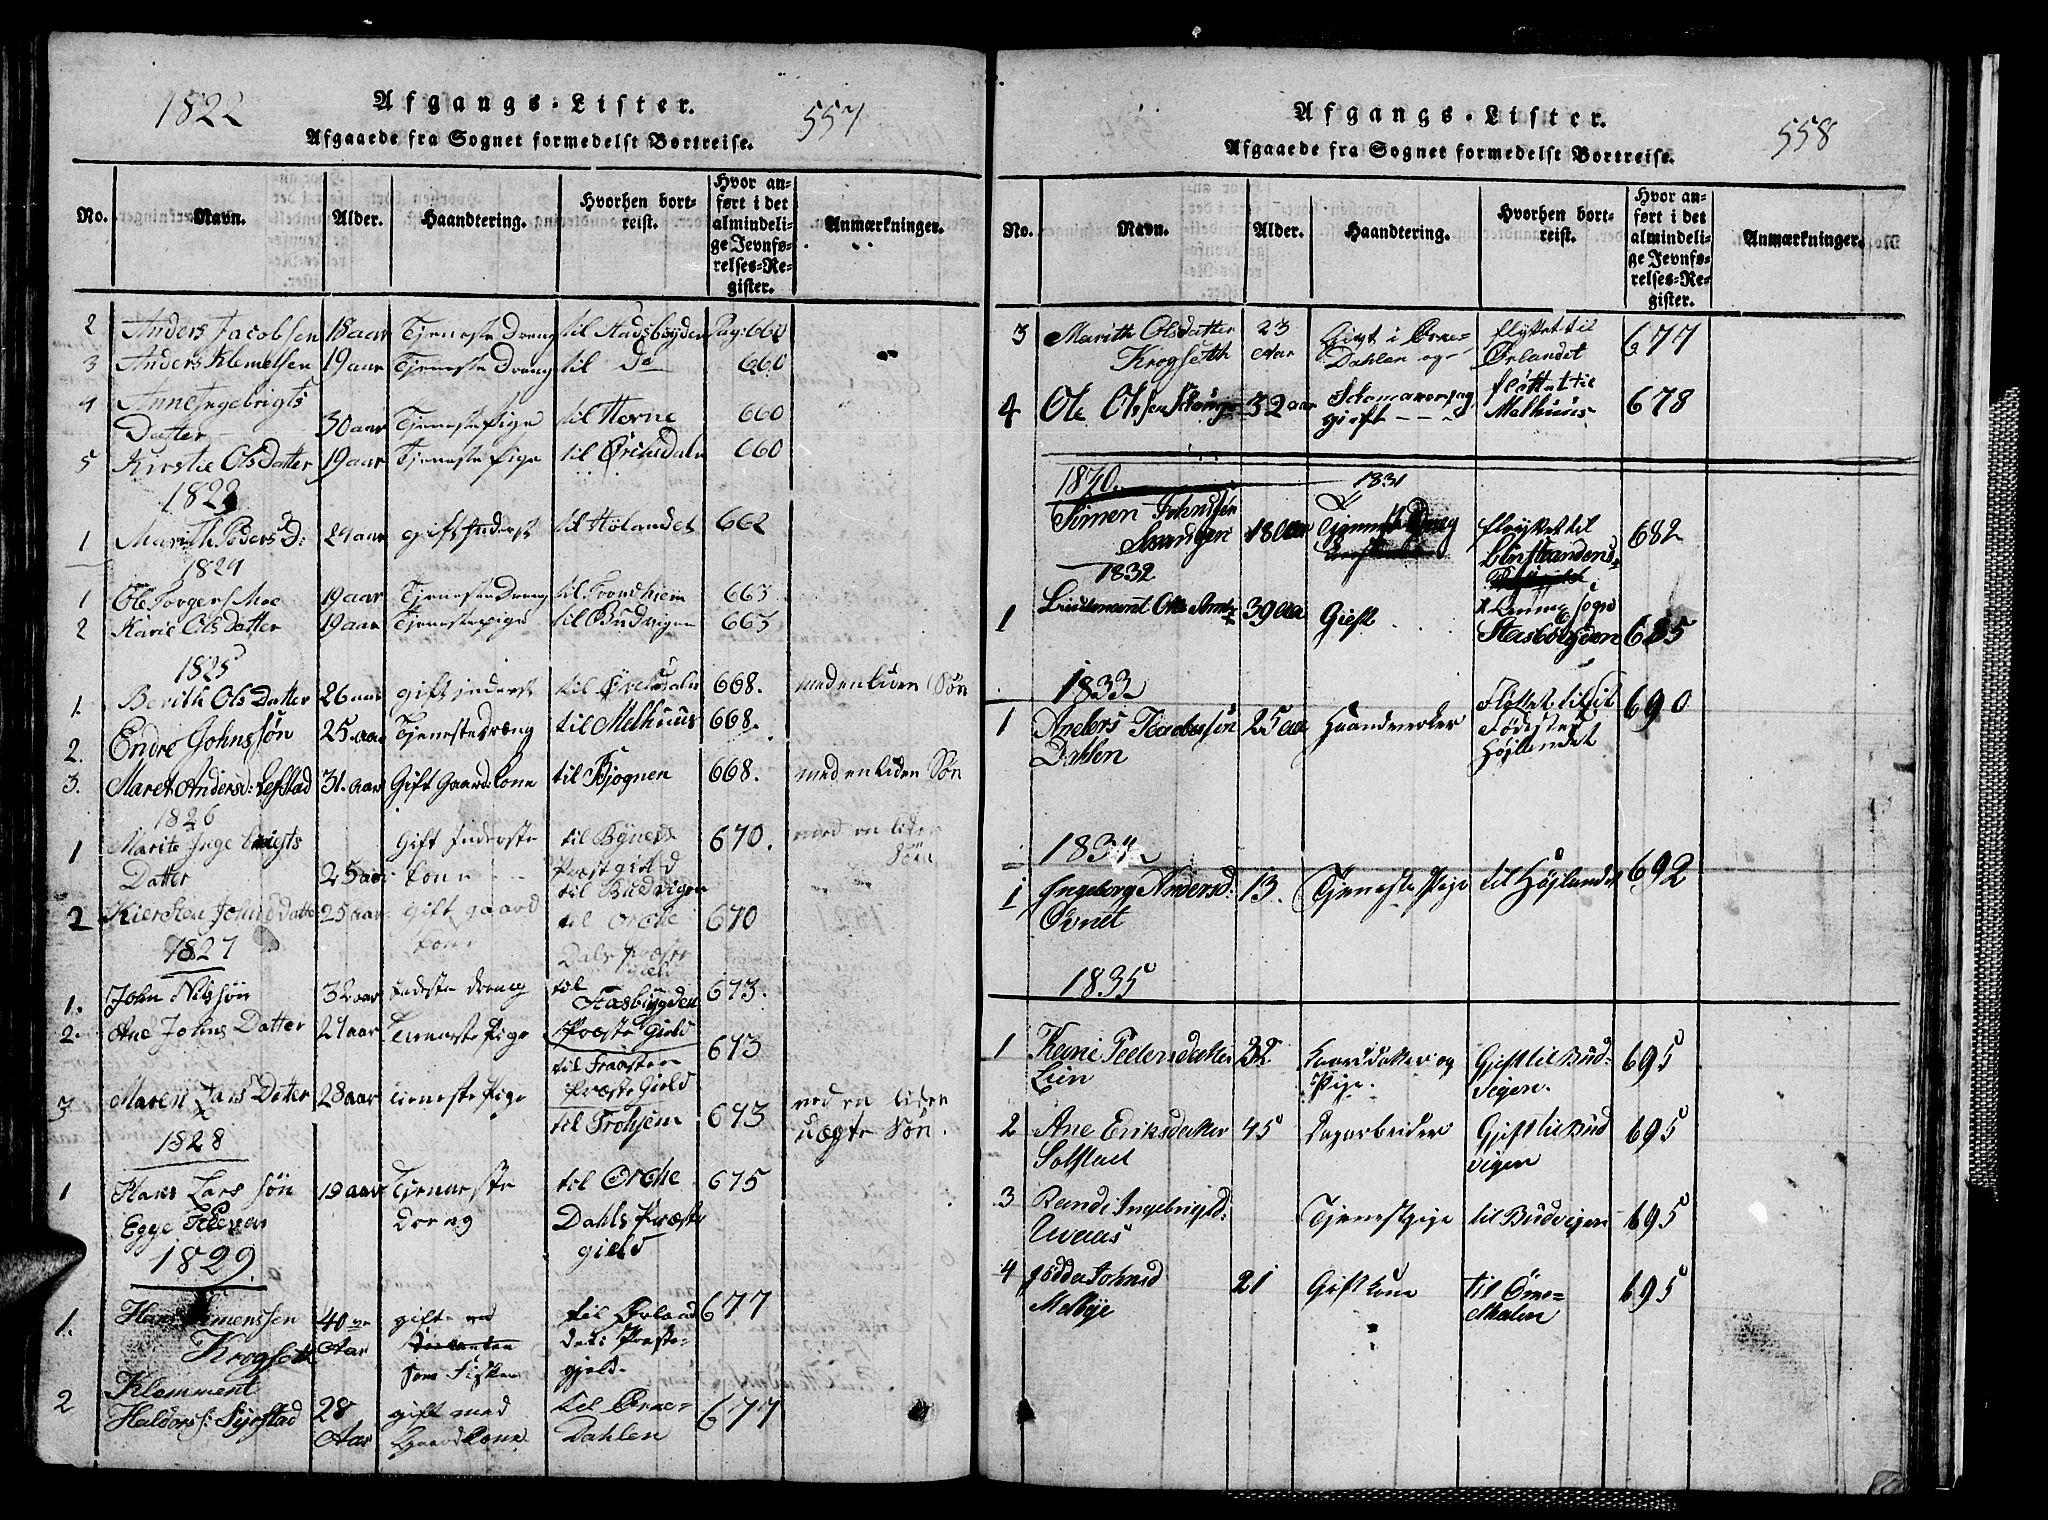 SAT, Ministerialprotokoller, klokkerbøker og fødselsregistre - Sør-Trøndelag, 667/L0796: Klokkerbok nr. 667C01, 1817-1836, s. 557-558